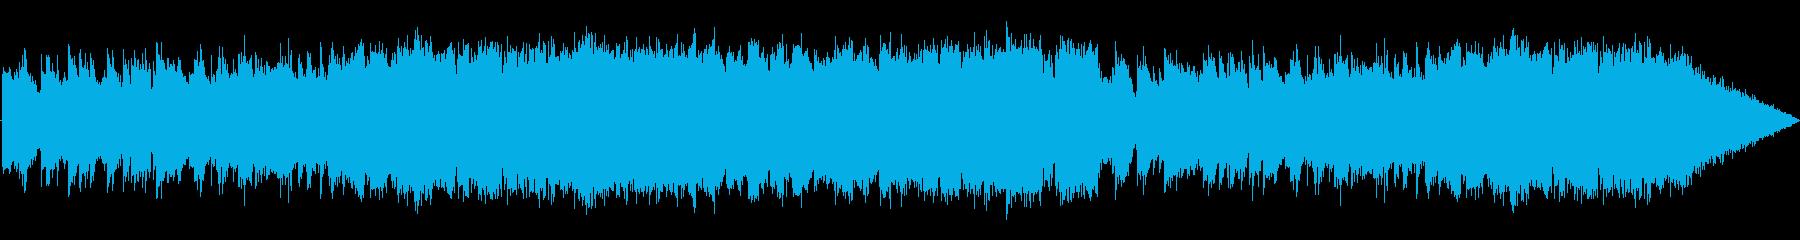 ひんやりとした洞窟の曲の再生済みの波形